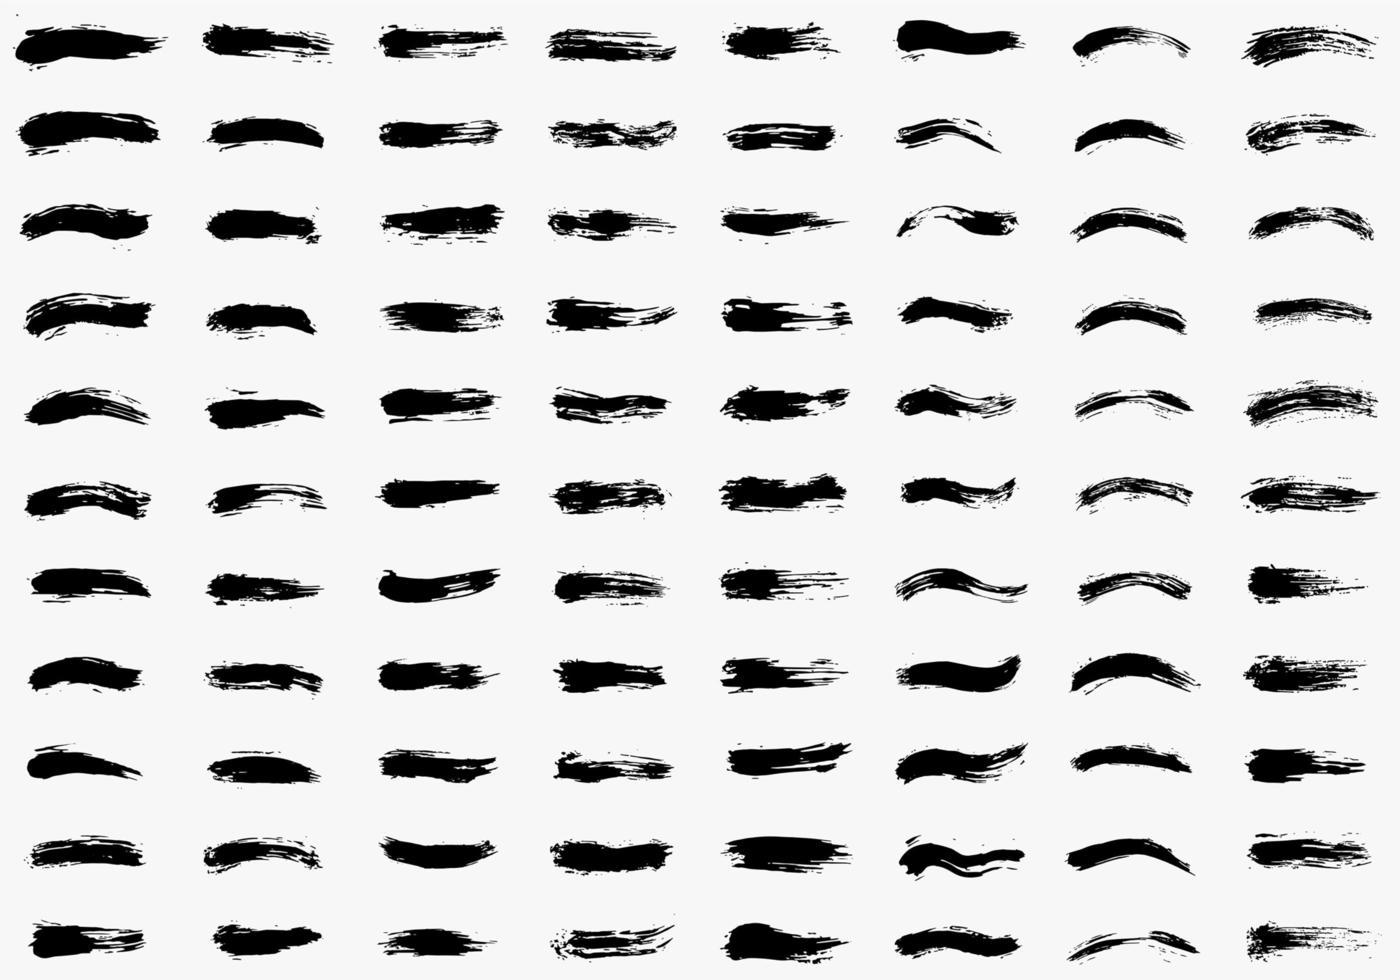 serie di pennellate disegnate a mano vettore